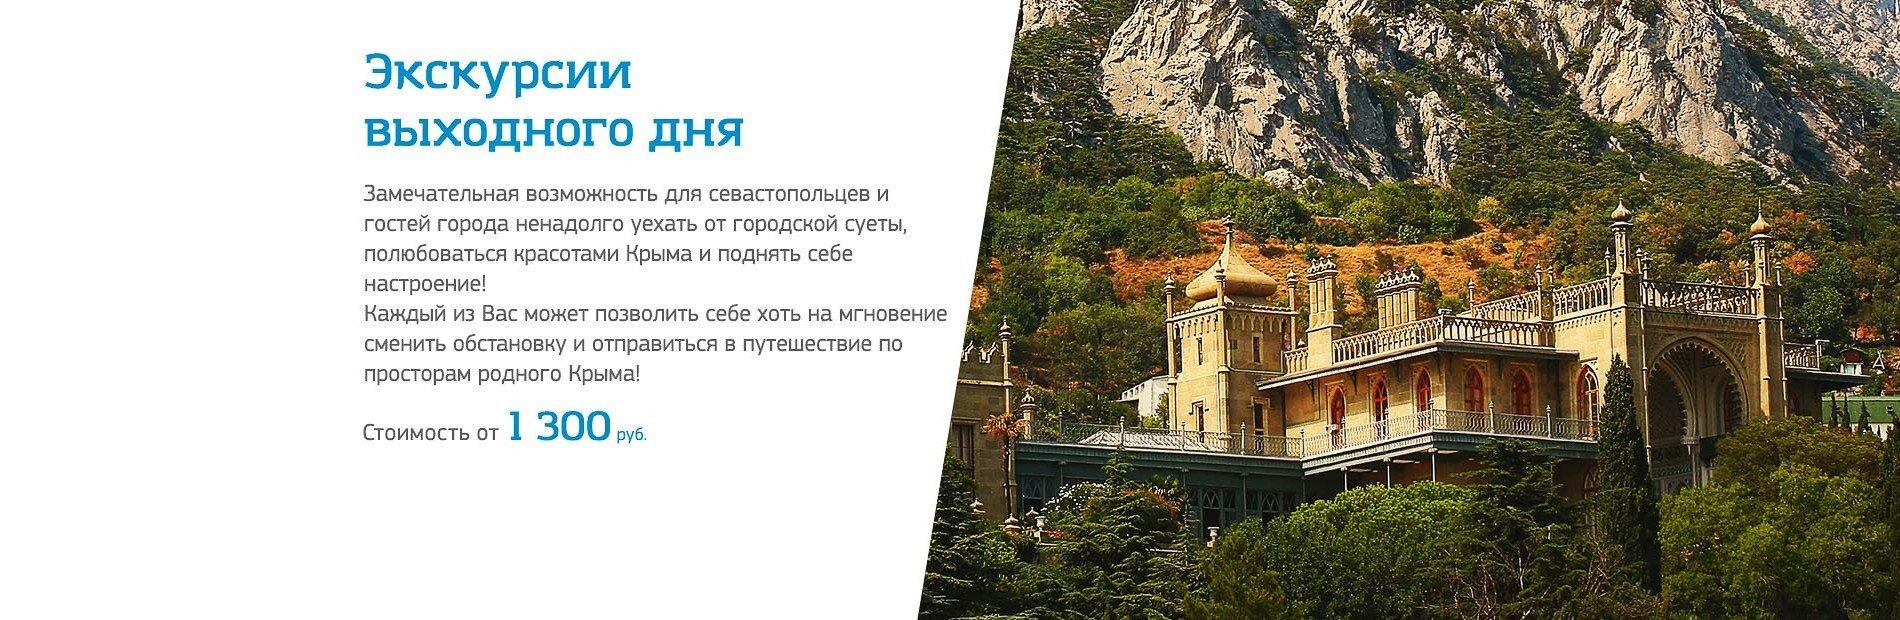 Экскурсии и туры по Крыму, для взрослых и школьников.